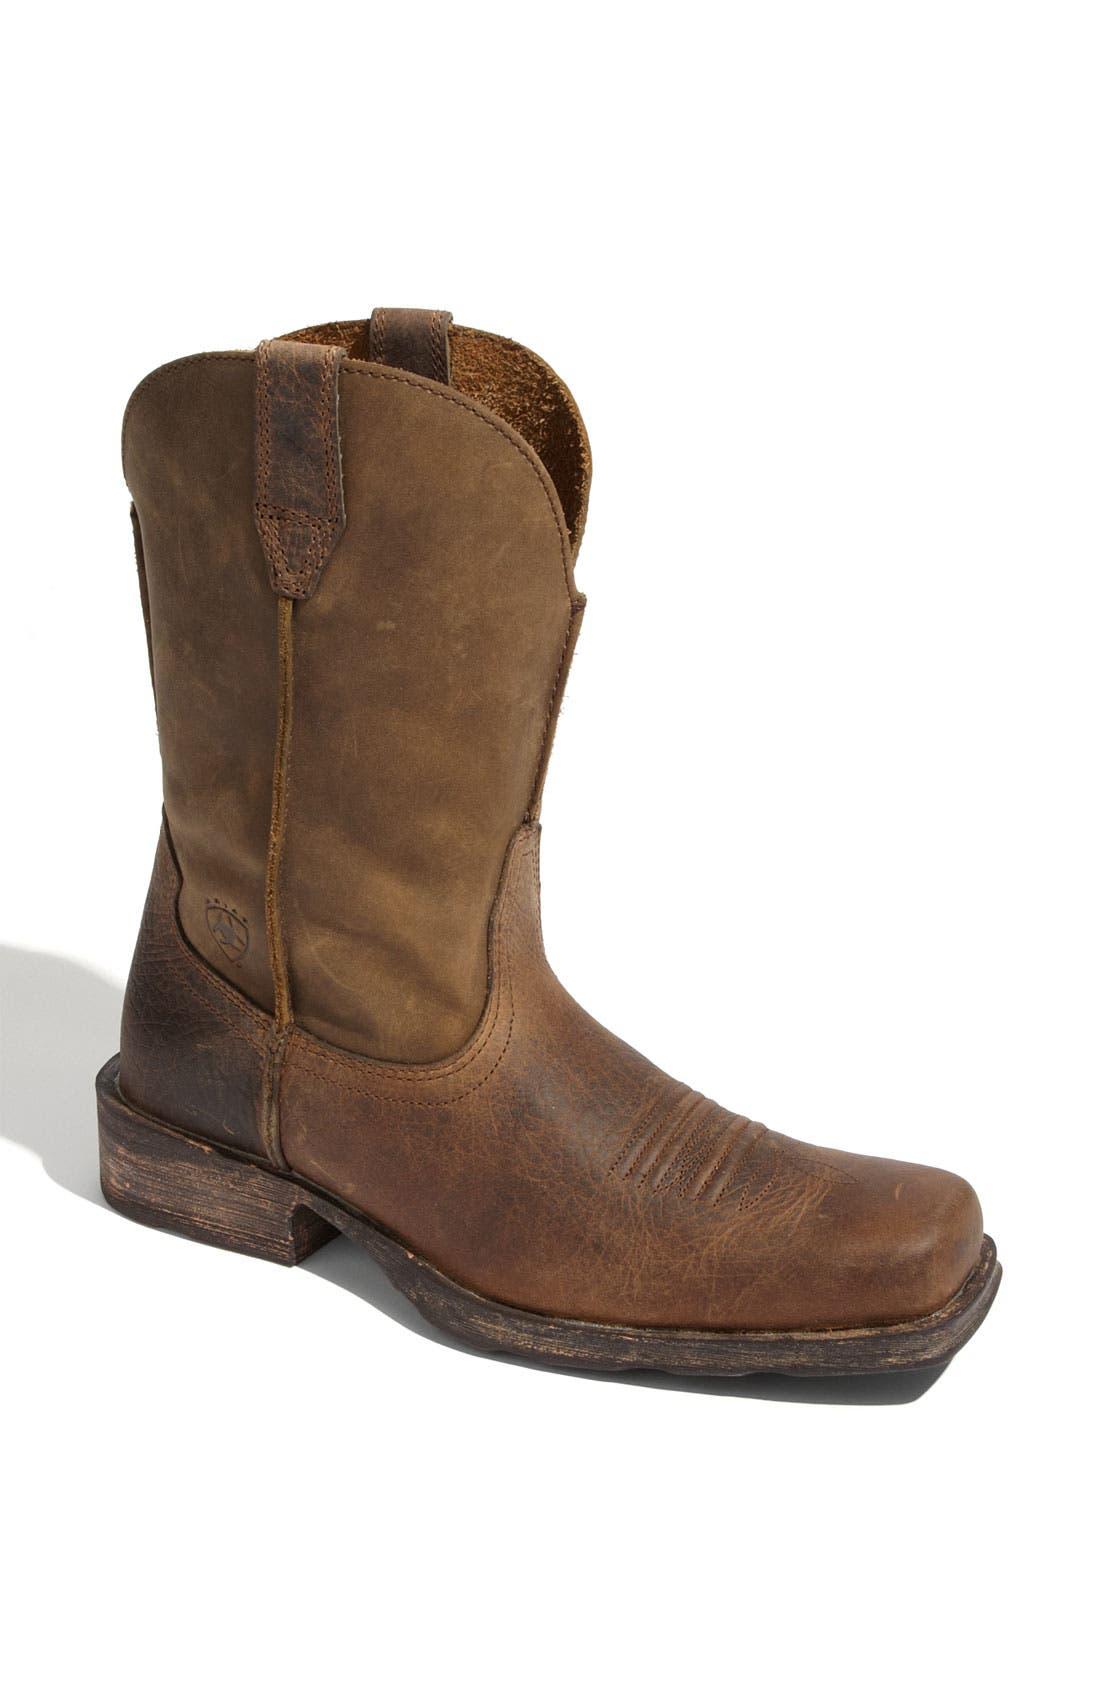 Alternate Image 1 Selected - Ariat Rambler Boot (Men)